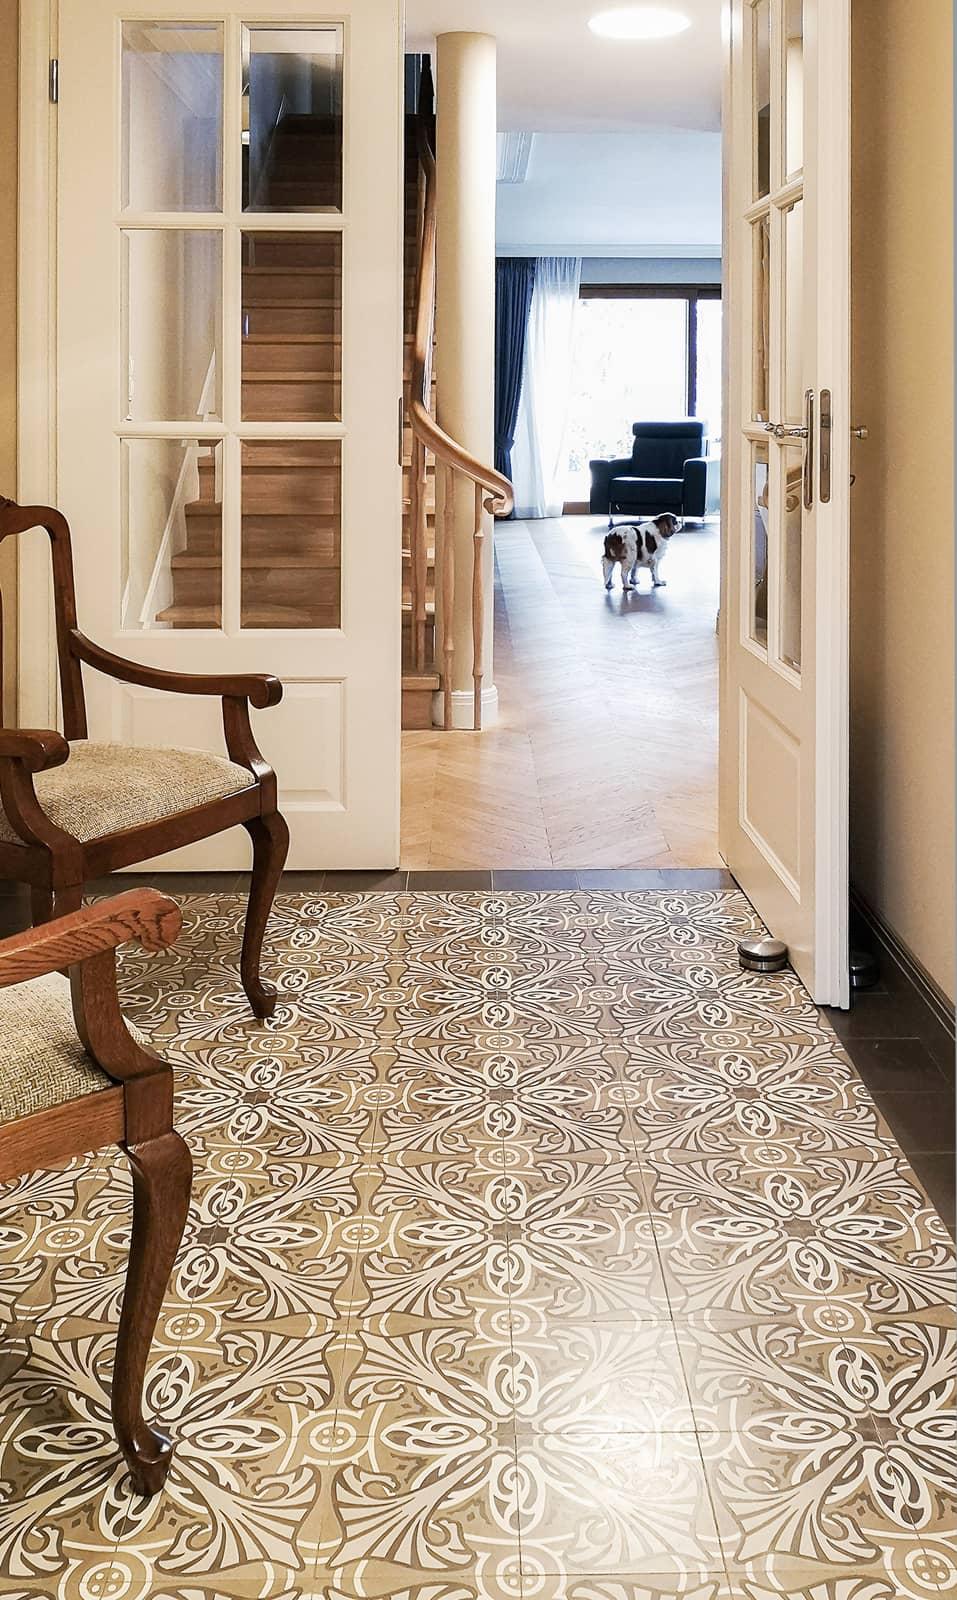 zementfliesen-terrazzofliesen-kreidefarbe-terrazzo-fugenlos-viaplatten-51143-studio-casciarri-eingang | 51143